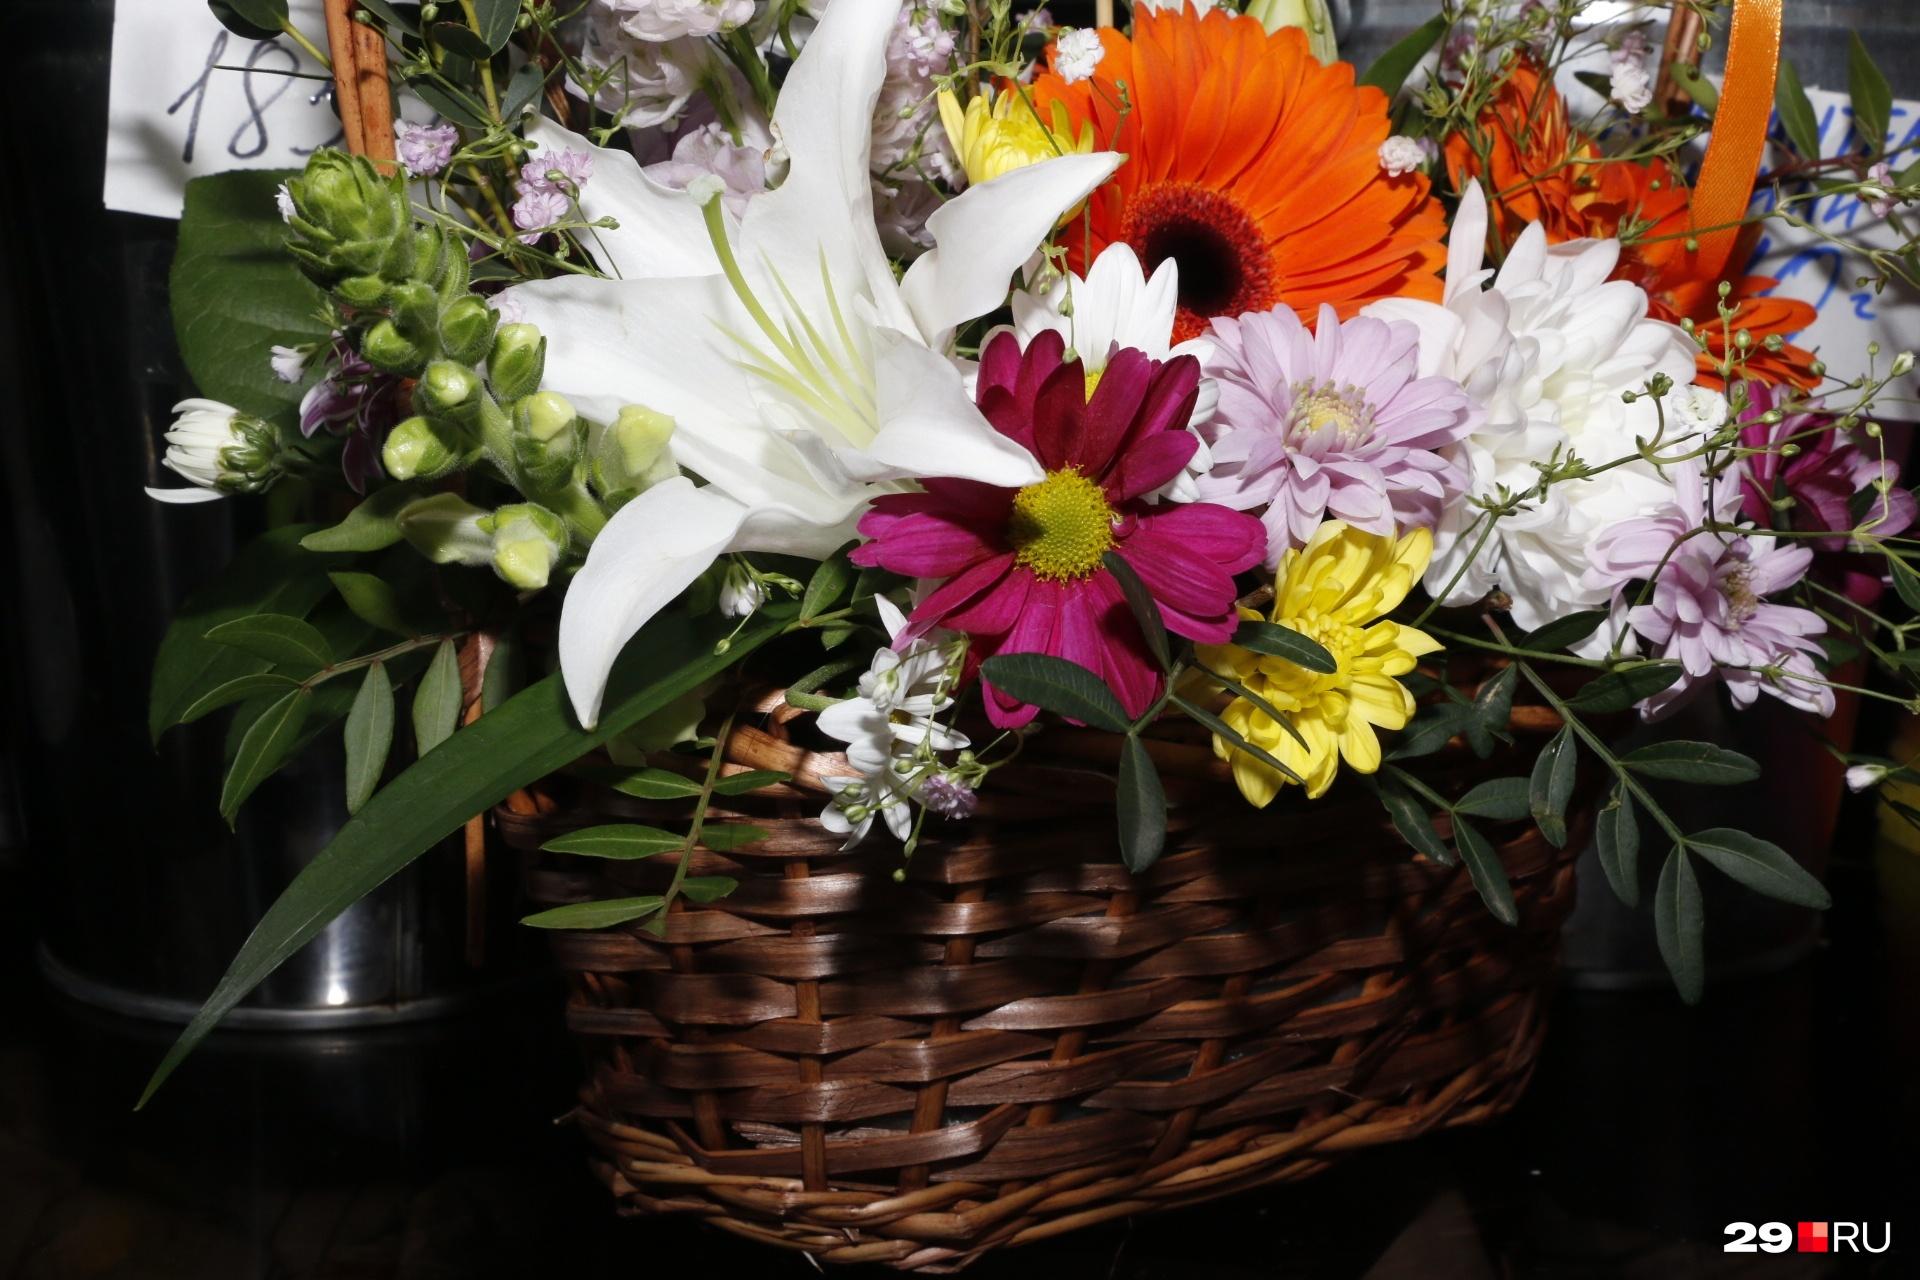 Такой вариант в корзинке подойдет для подарка женщине-руководителю от подчиненных. Оранжевая гербера в центре здесь символизирует уважение